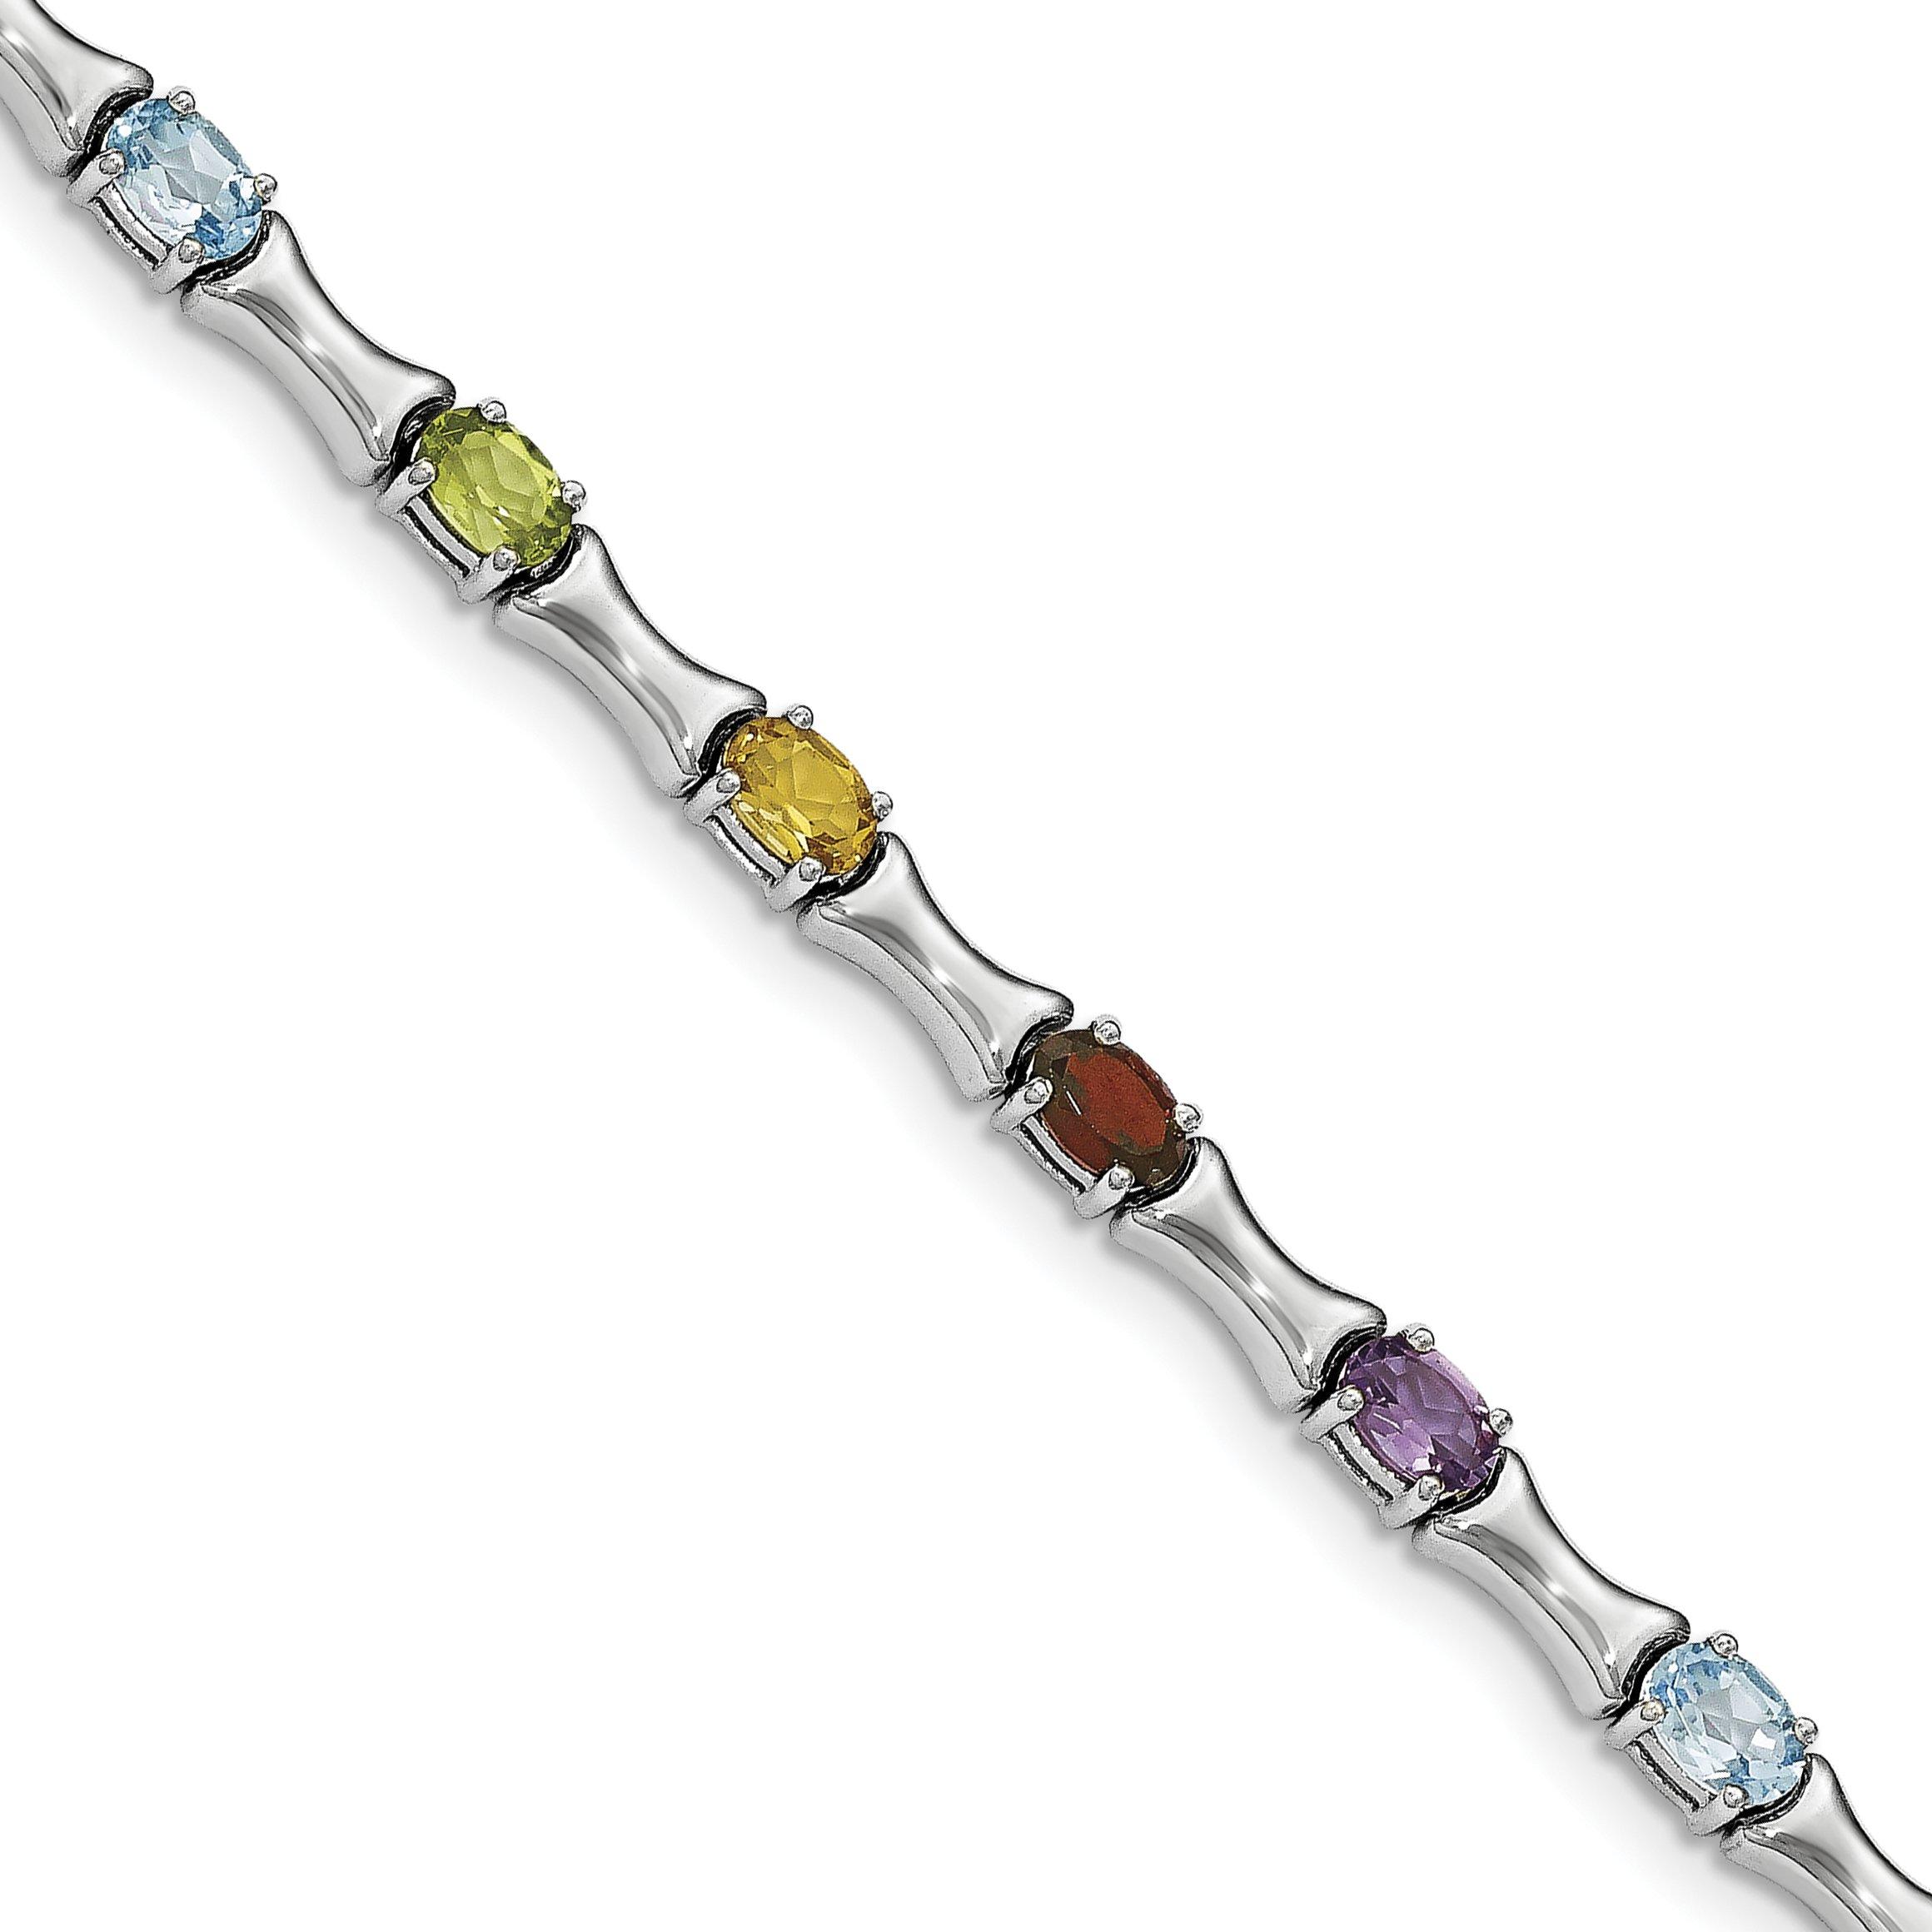 ICE CARATS 925 Sterling Silver Multi Gemstone Bracelet 7.25 Inch Fine Jewelry Gift Set For Women Heart